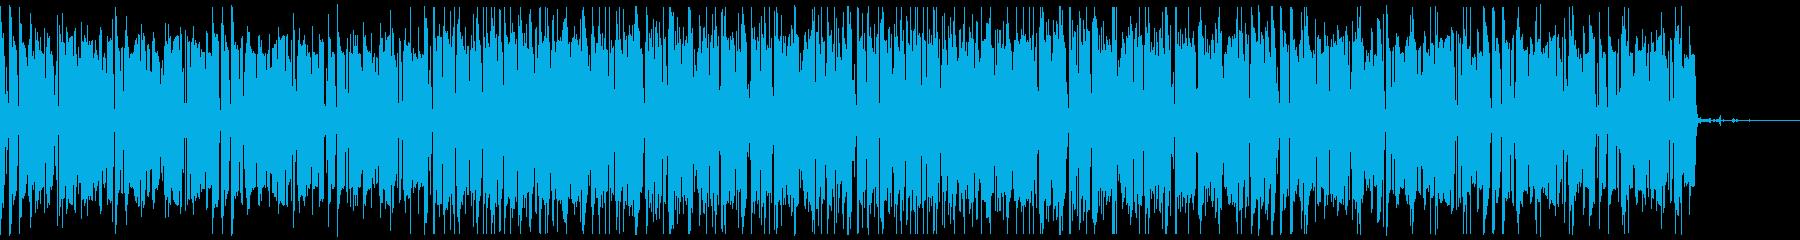 ベースとパーカッションの怪しいBGMの再生済みの波形